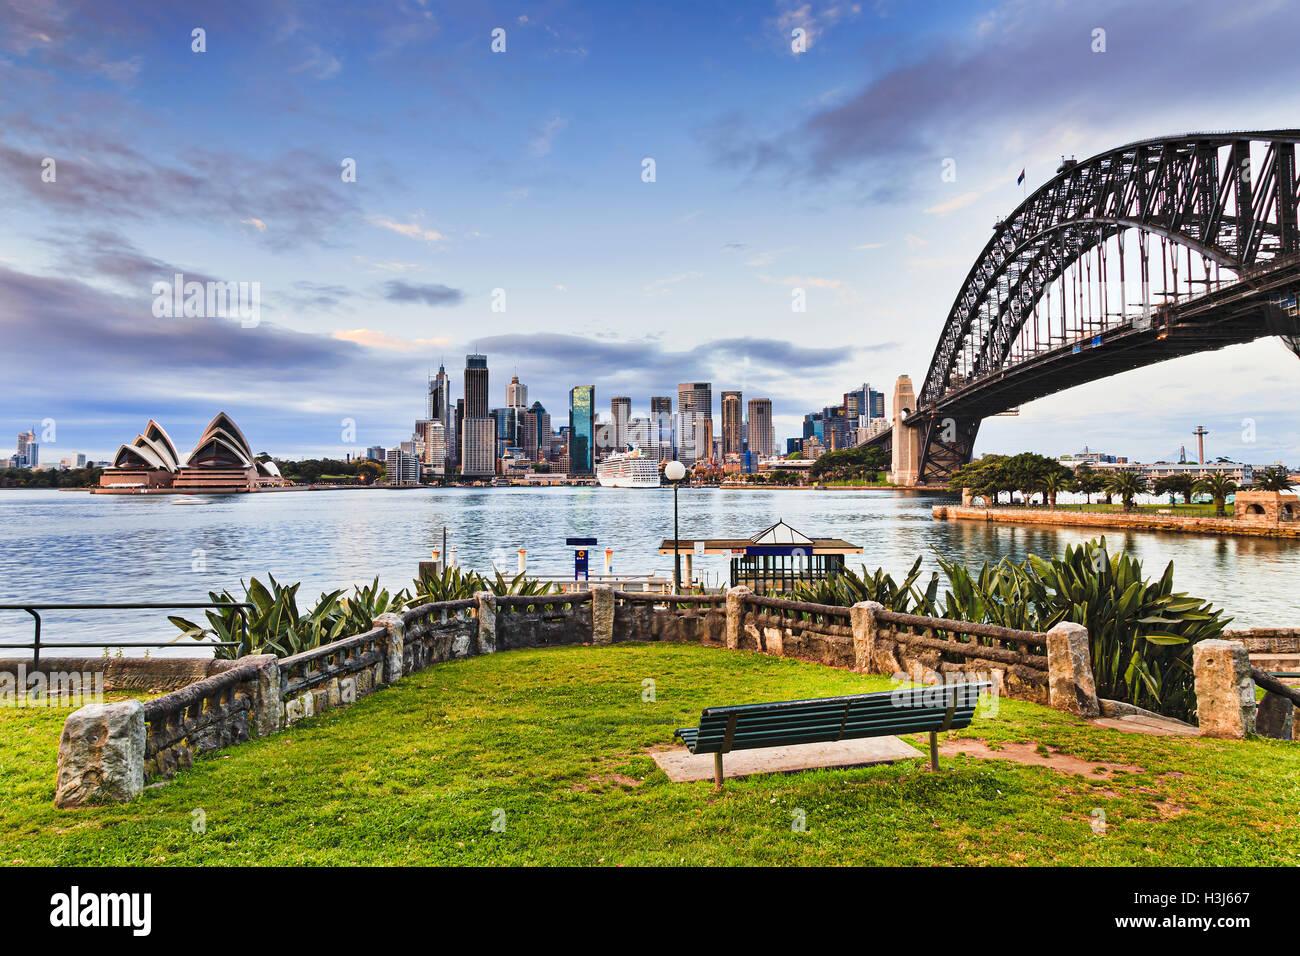 La pasto verde y un banco en el parque recreativo zona de Kirribilli, suburbio de Sydney a través de puerto Imagen De Stock